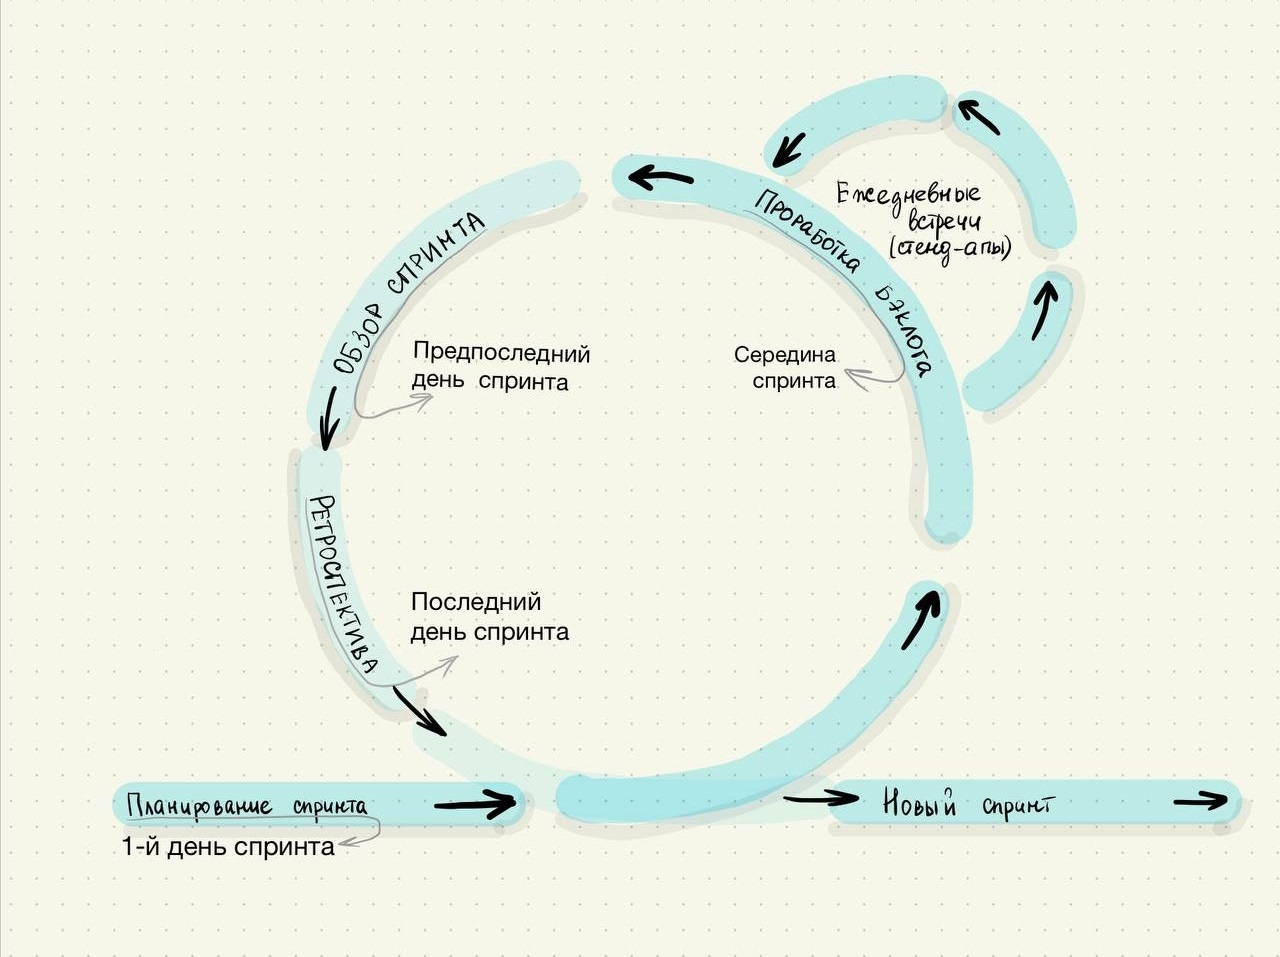 По такому циклу проходят все спринты